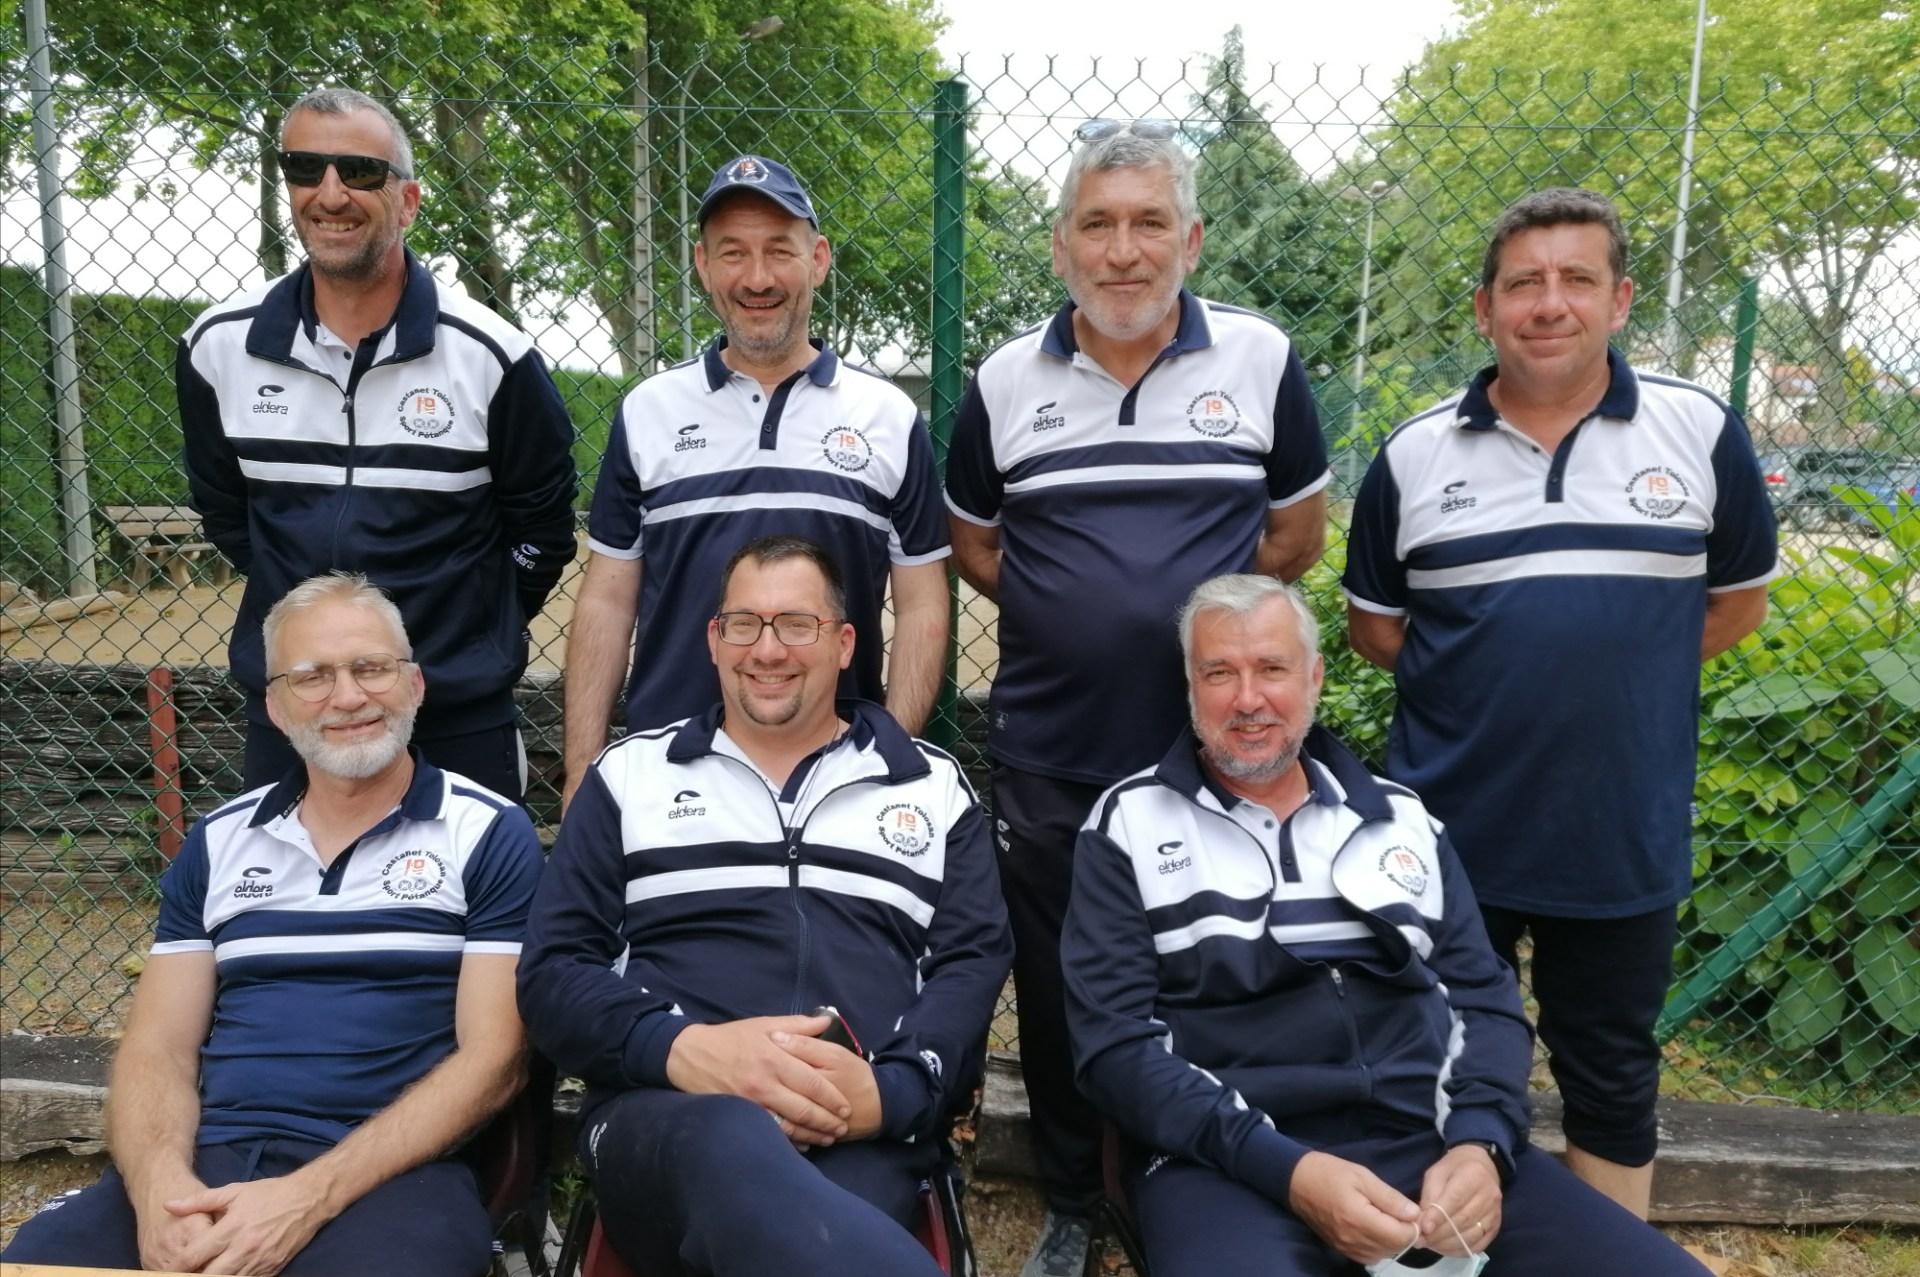 Résultats de la1°journée de CDC Jeu Provençal